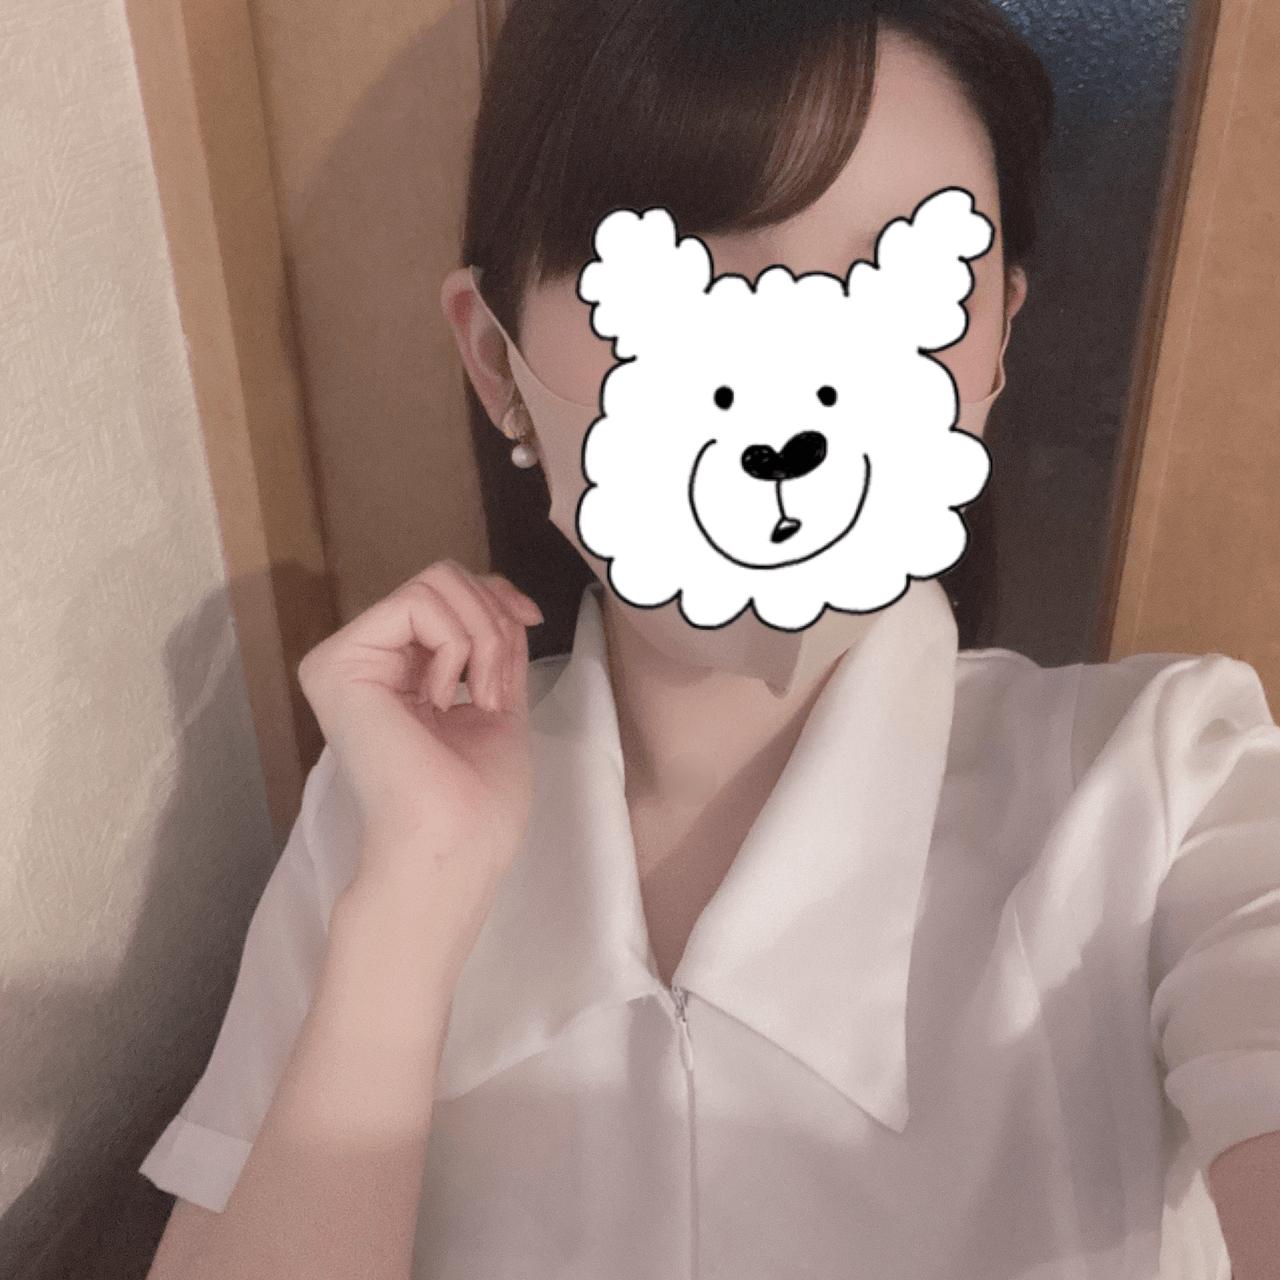 「沙耶です」05/05(水) 00:56 | 沙耶(さや)☆S-rankの写メ日記